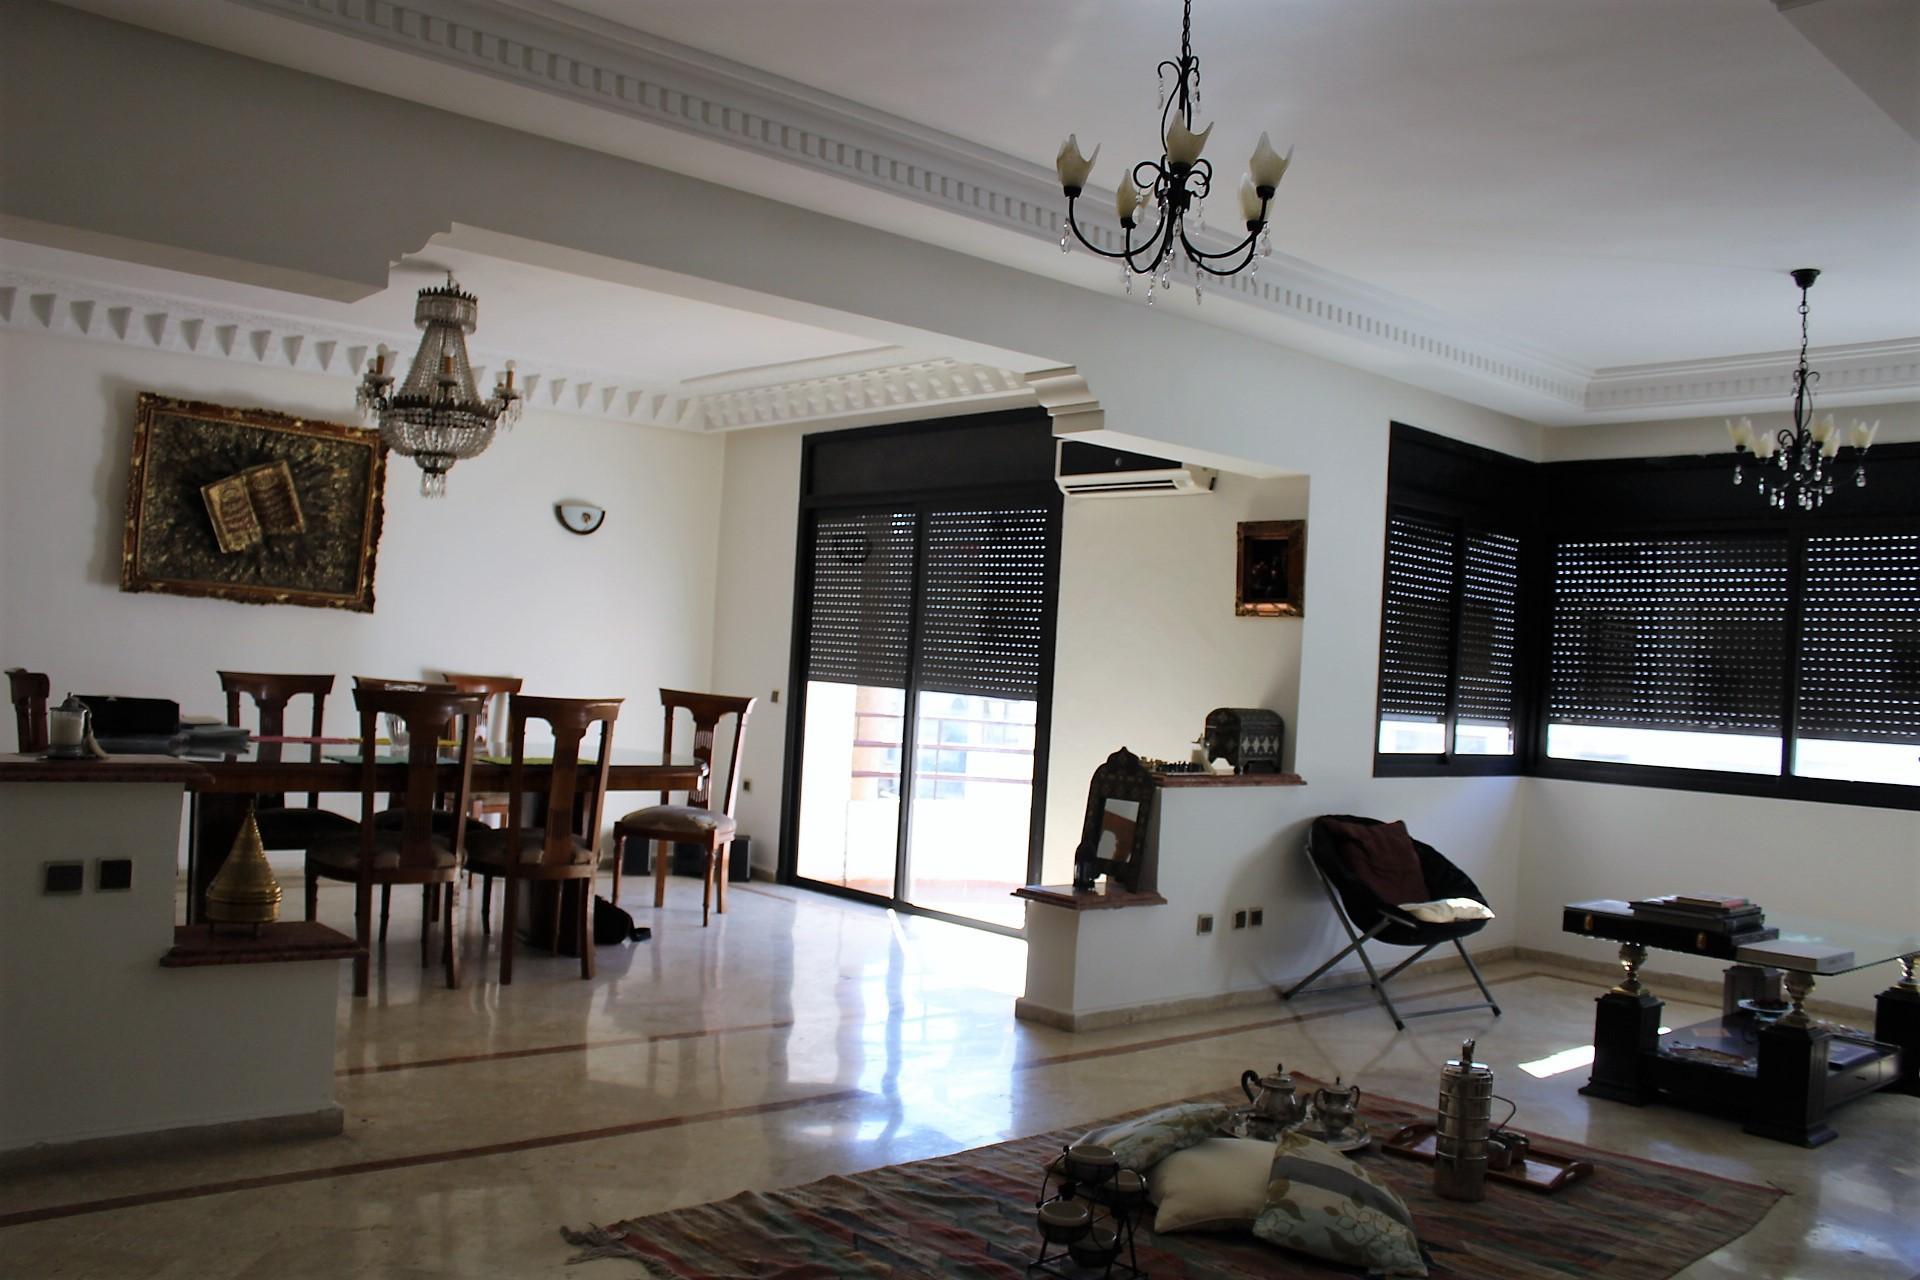 Casablanca, racine à louer vaste et confortable appartement de 210 M2 avec terrasse protégée privée.